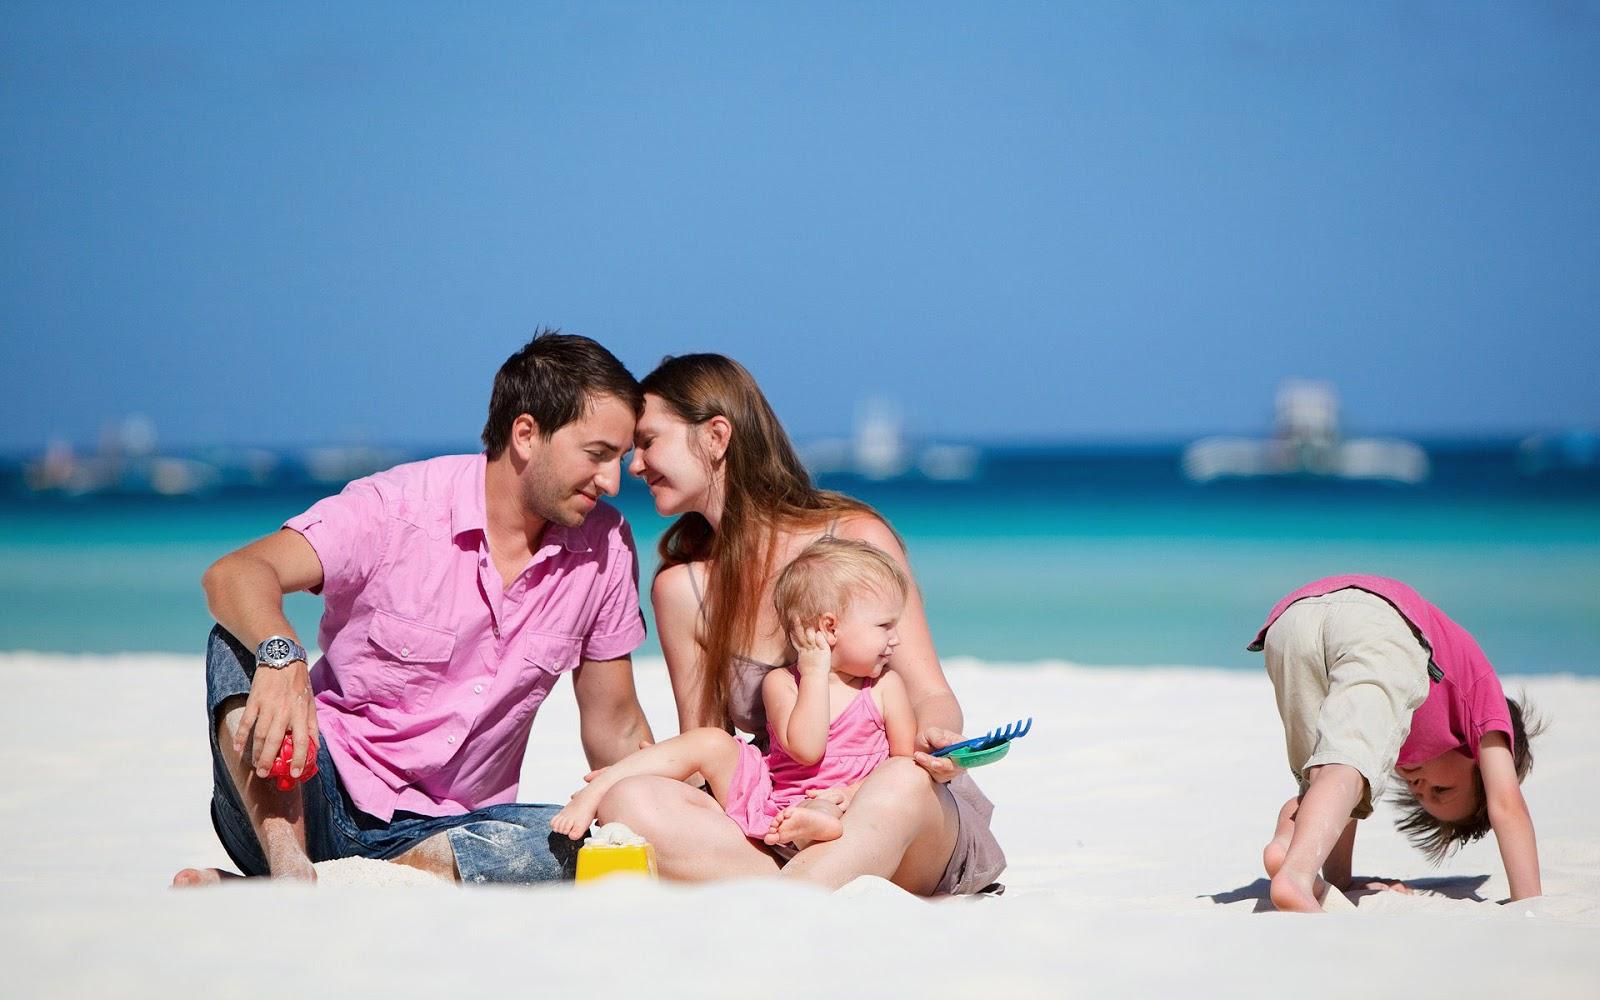 С семьёй на отдыхе фото 13 фотография